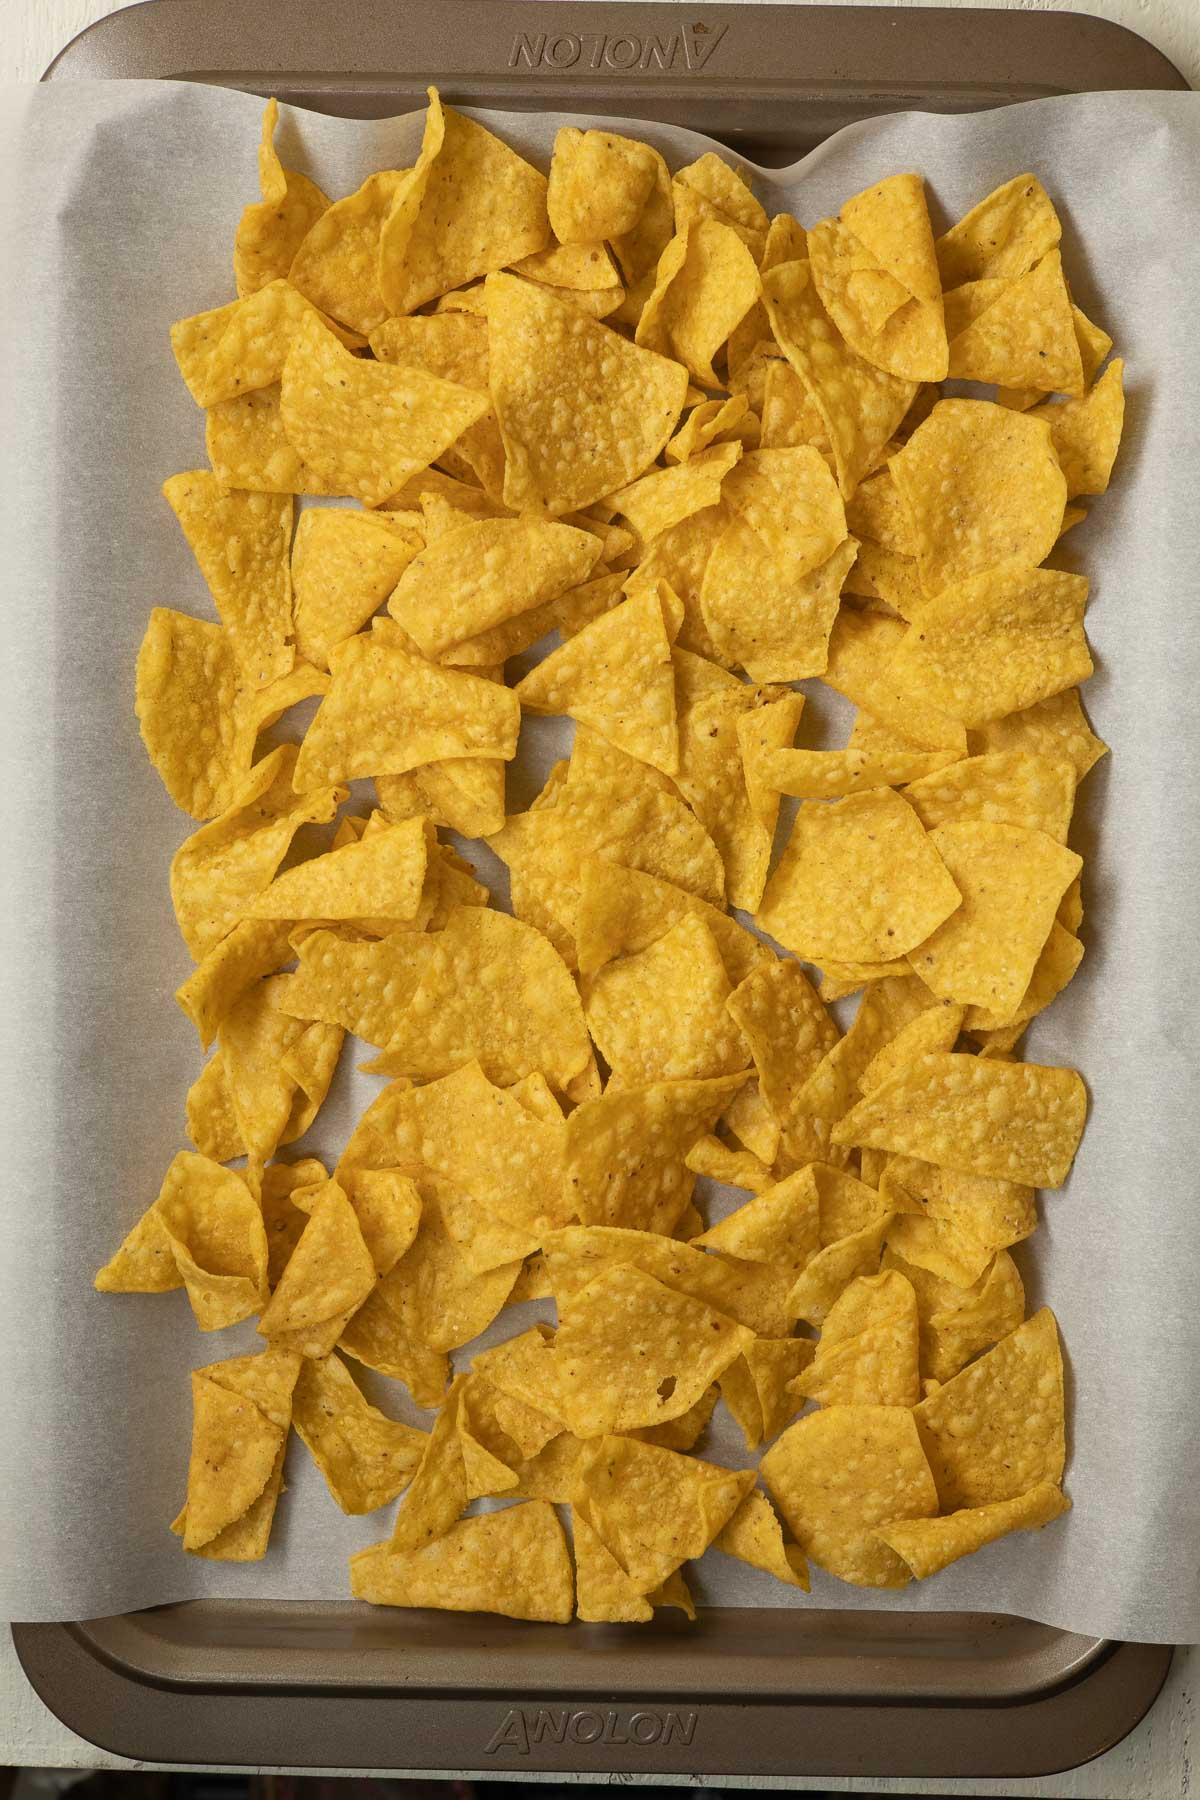 A sheet pan of tortilla chips.